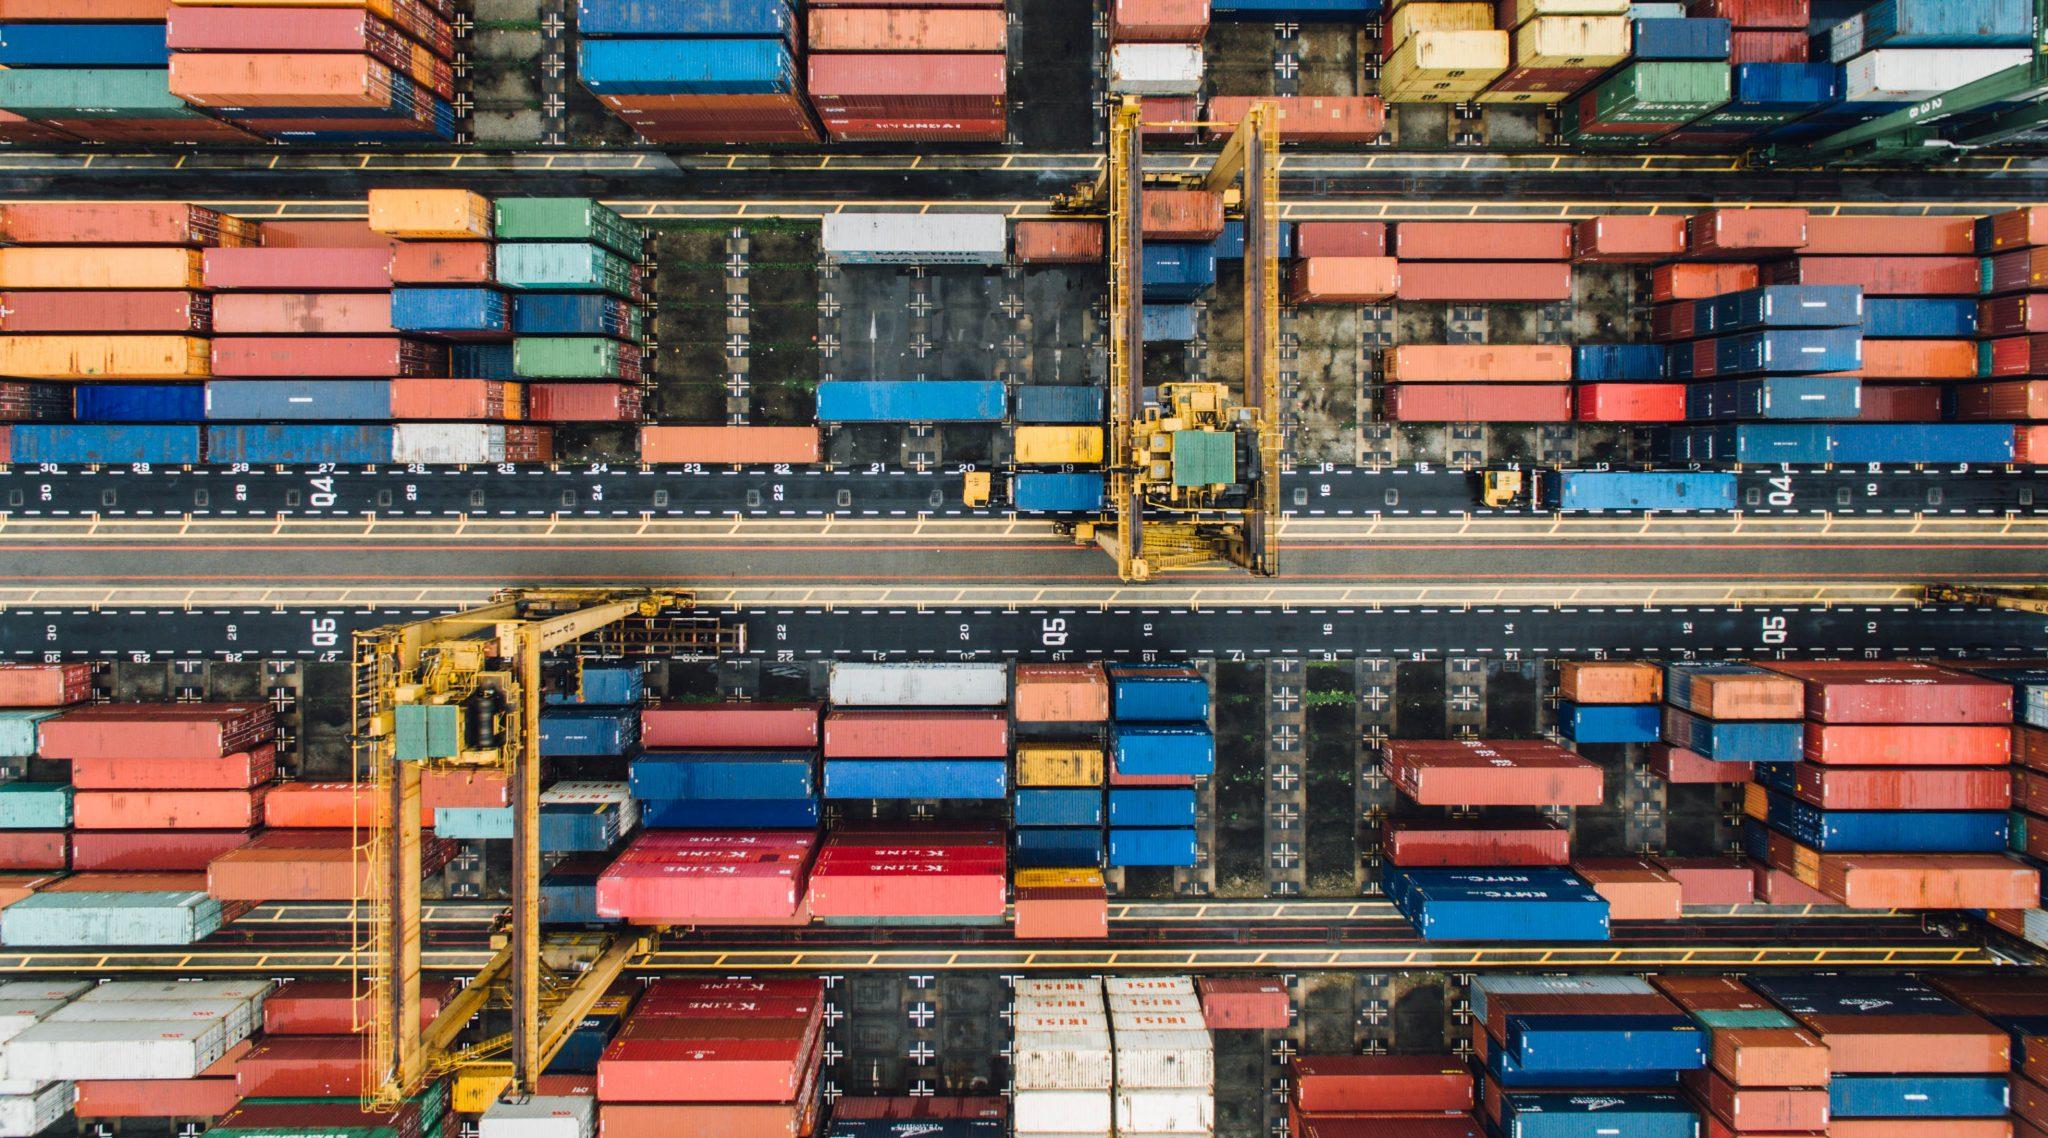 Leitura obrigatória: Soluções inteligentes de gerenciamento de cadeia de suprimentos para otimização de processos de negócios.